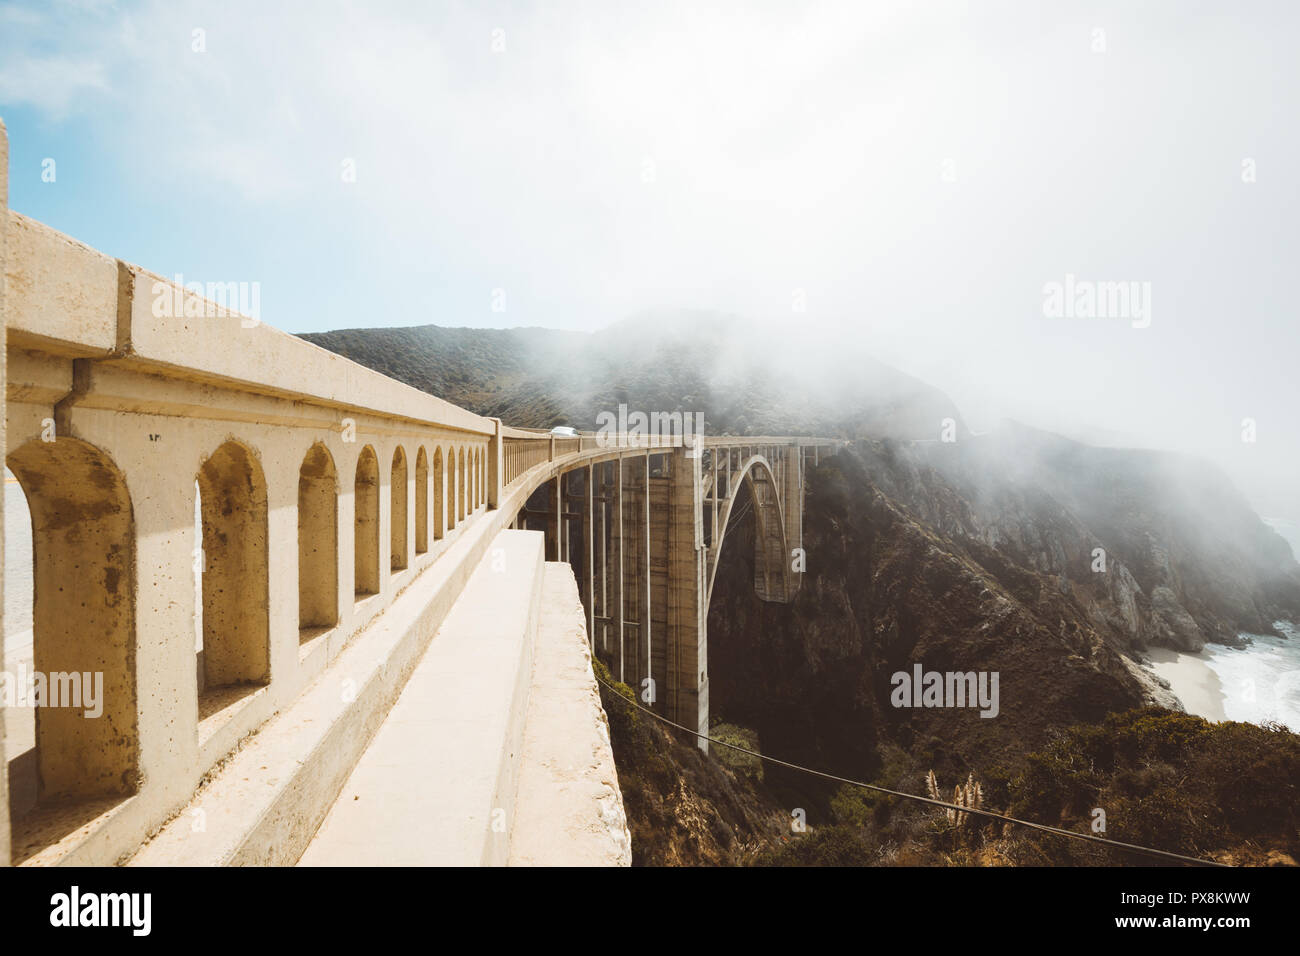 Vista panoramica del centro storico di Bixby Creek Bridge lungo la famosa Highway 1 in una giornata di sole con la nebbia in estate, Monterey County, California, Stati Uniti d'America Immagini Stock